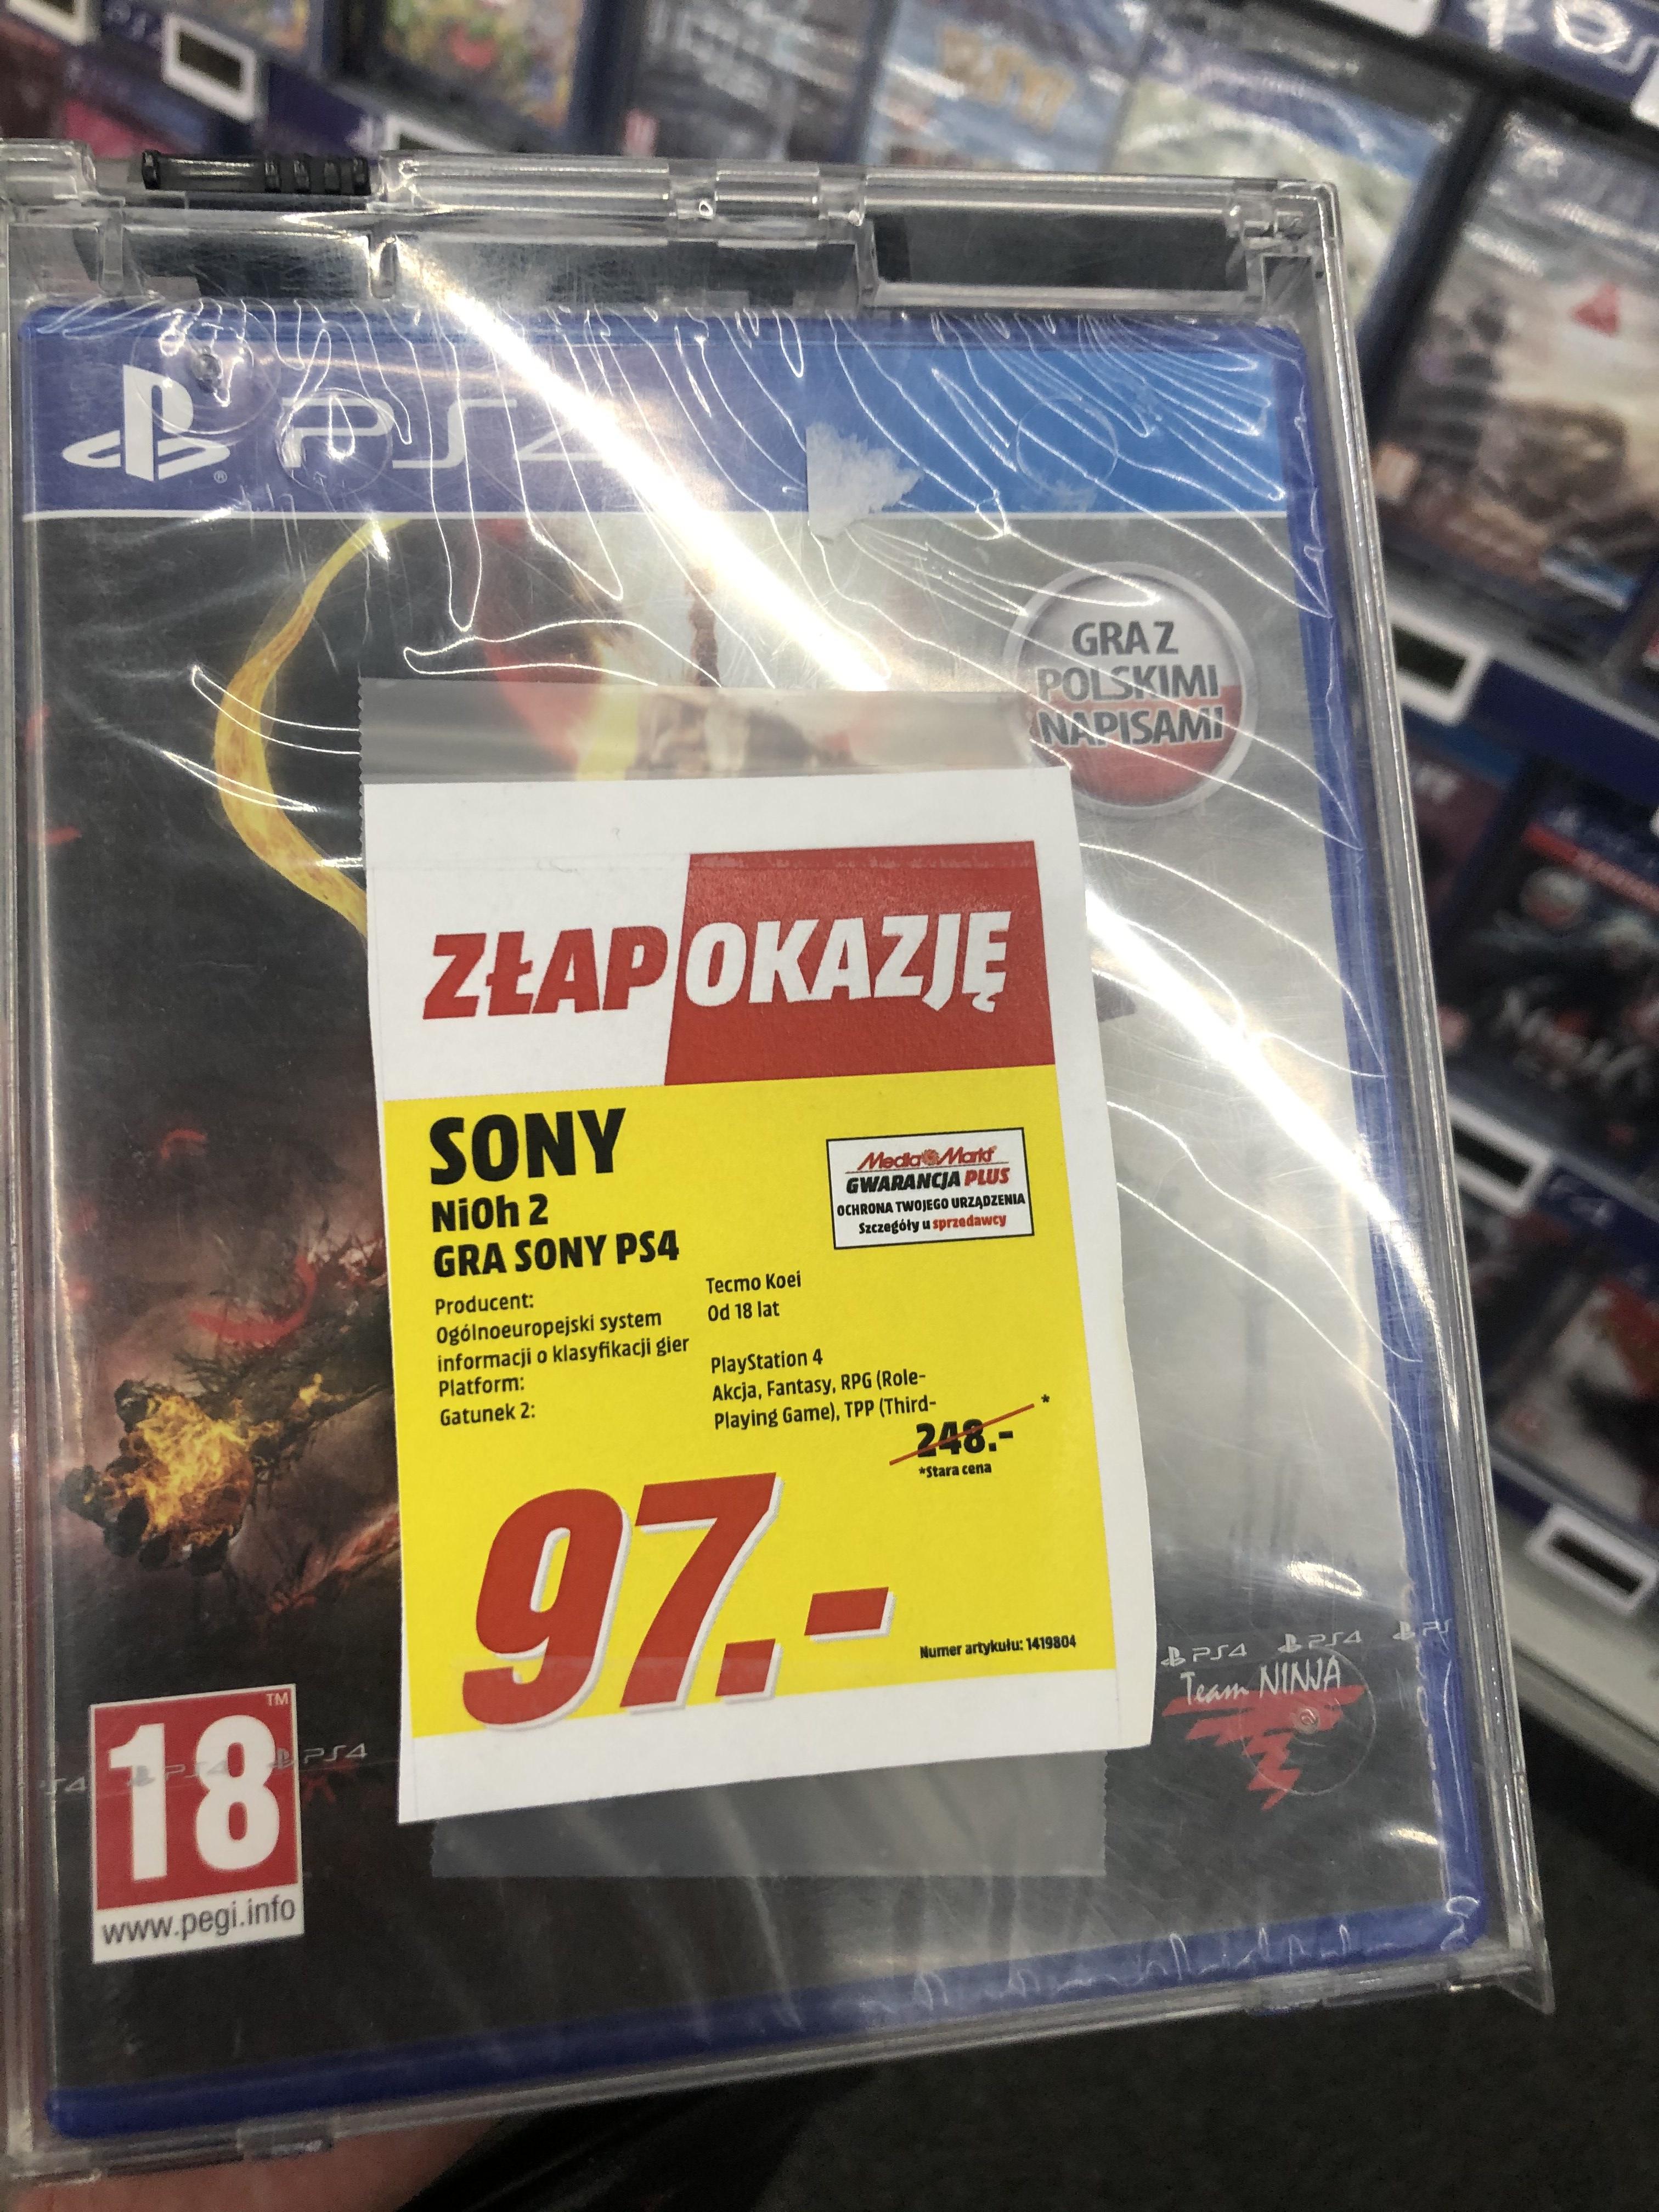 Nioh 2 PS4 - Media Markt